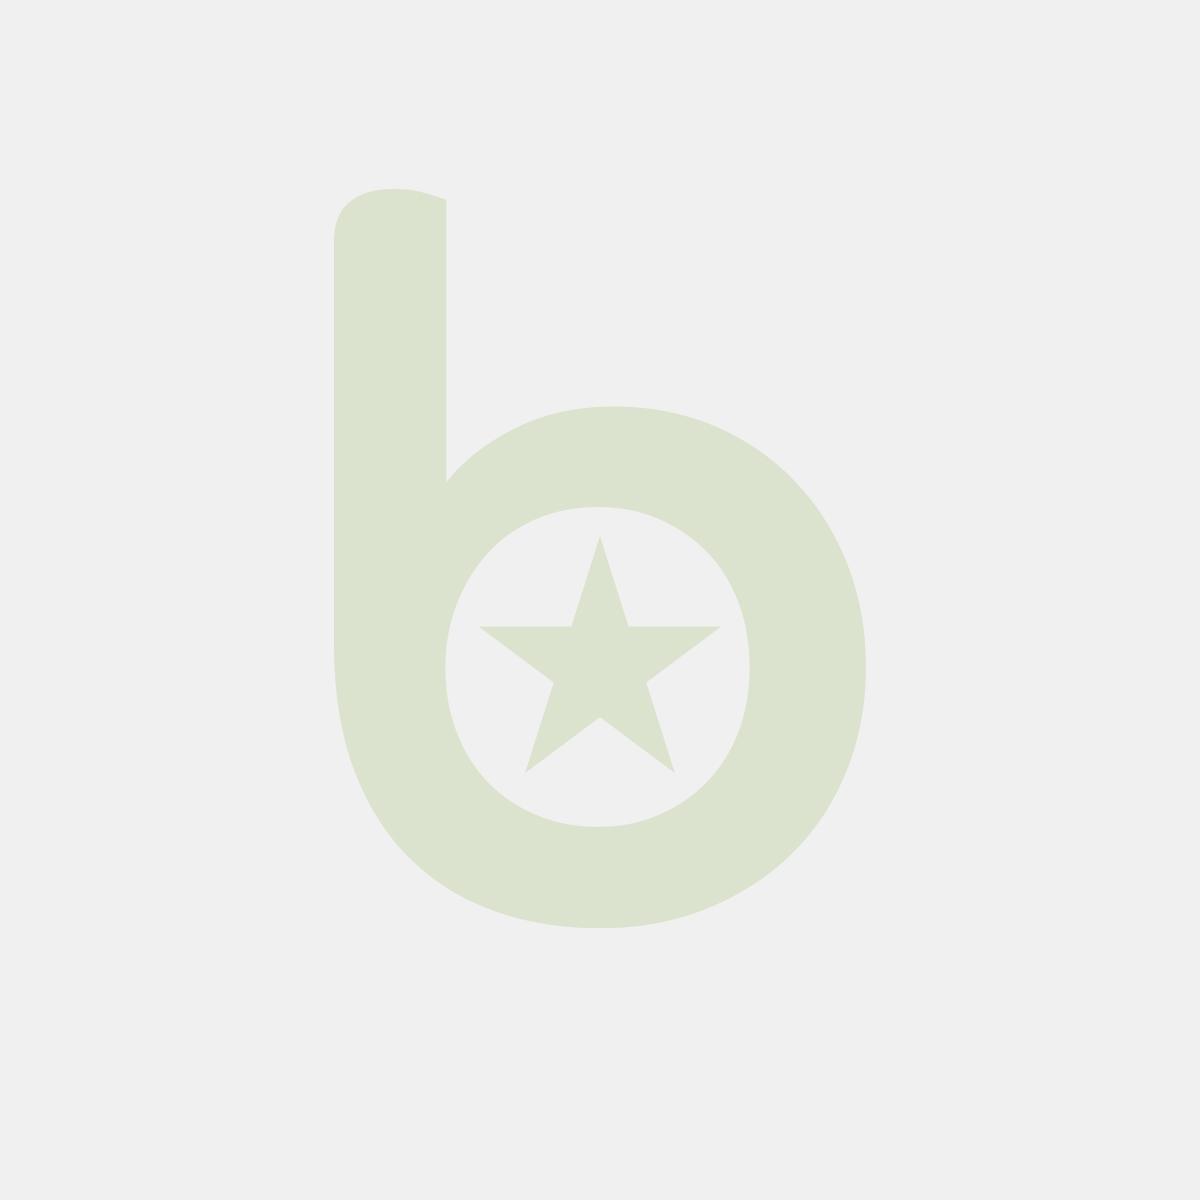 Serwetki PAPSTAR Royal Collection 40x40 musztardowy opakowanie 50szt